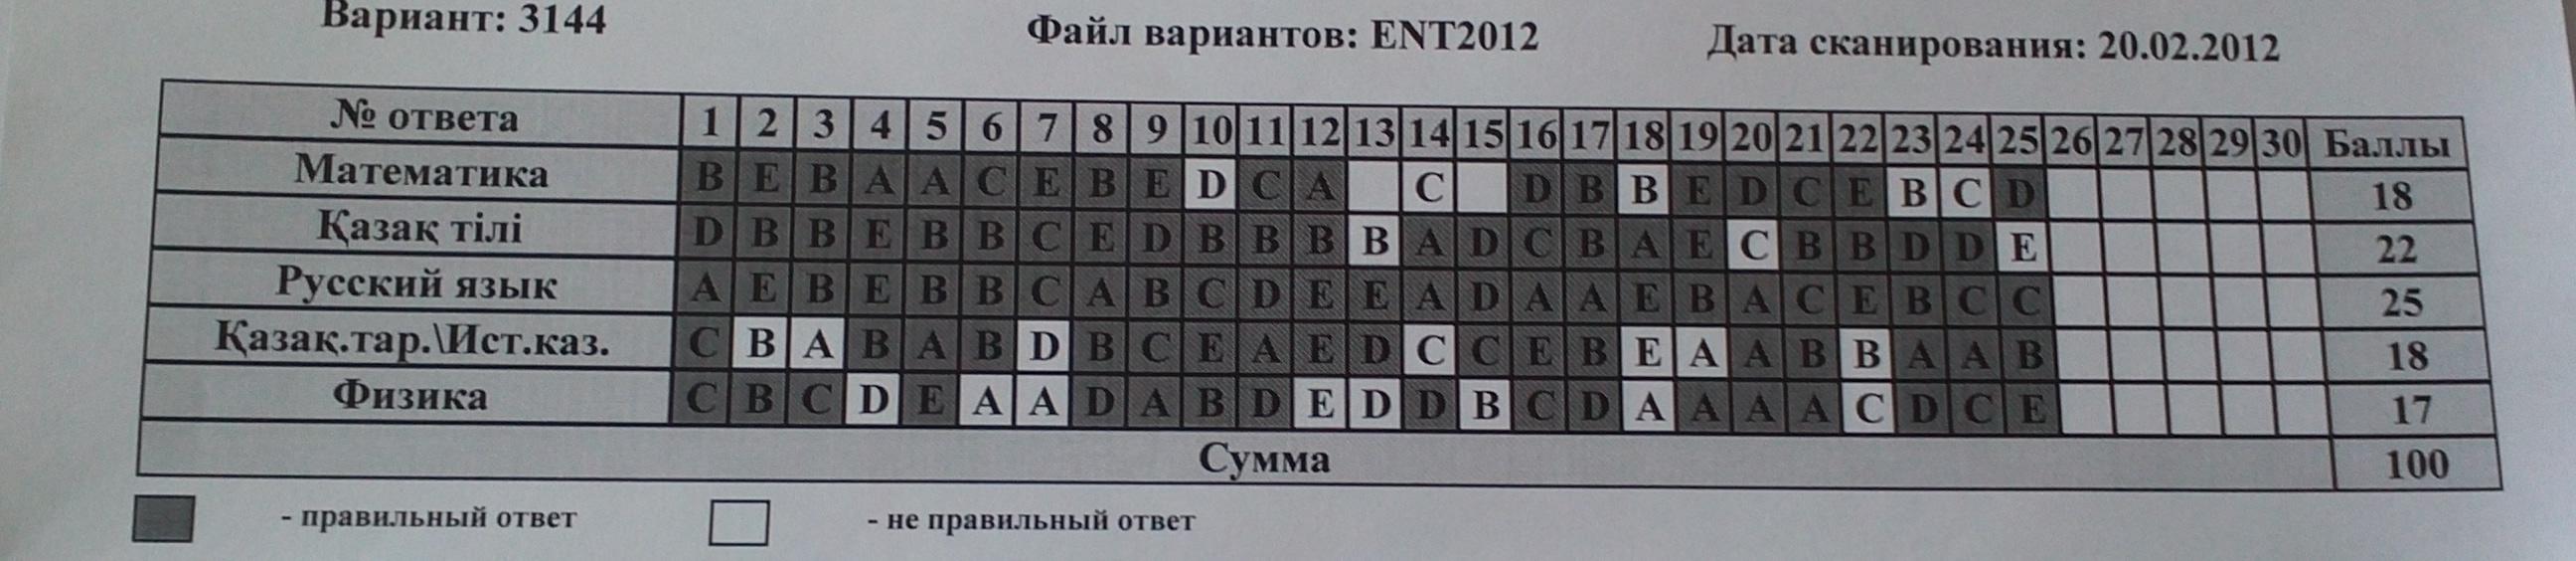 ответы на билеты по биологии 2011-2012